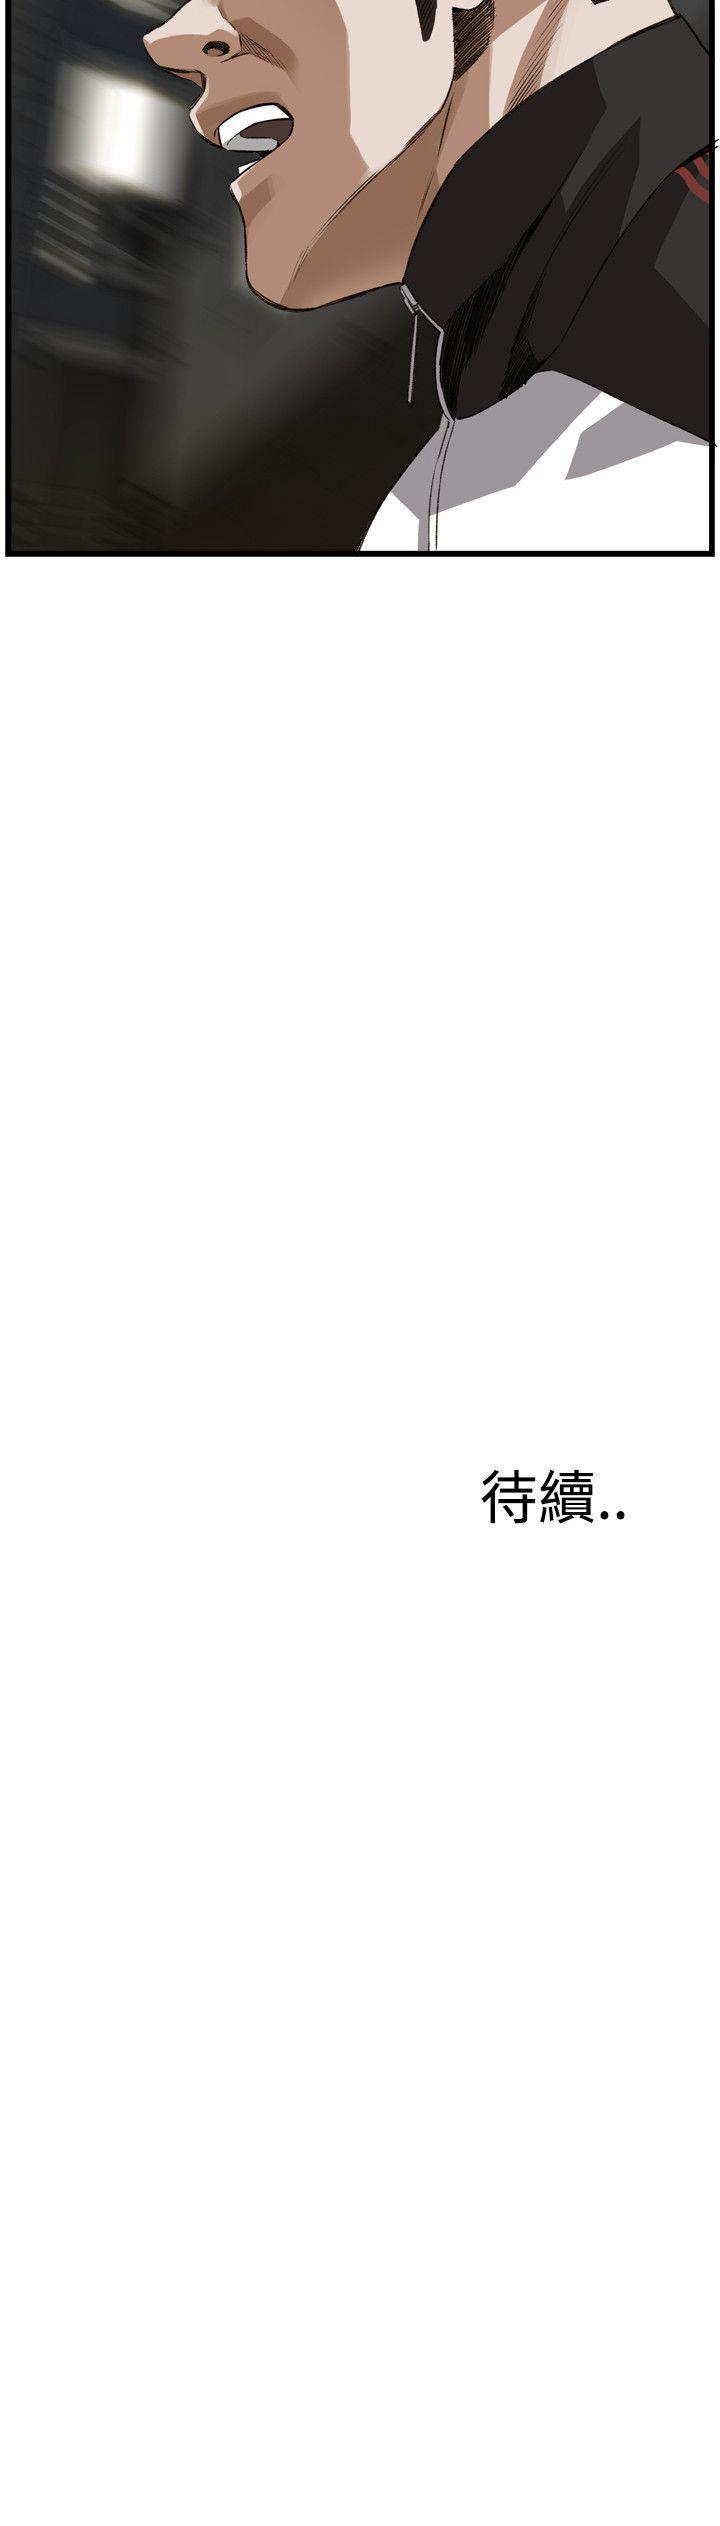 偷窥72-93 Chinese Rsiky 380